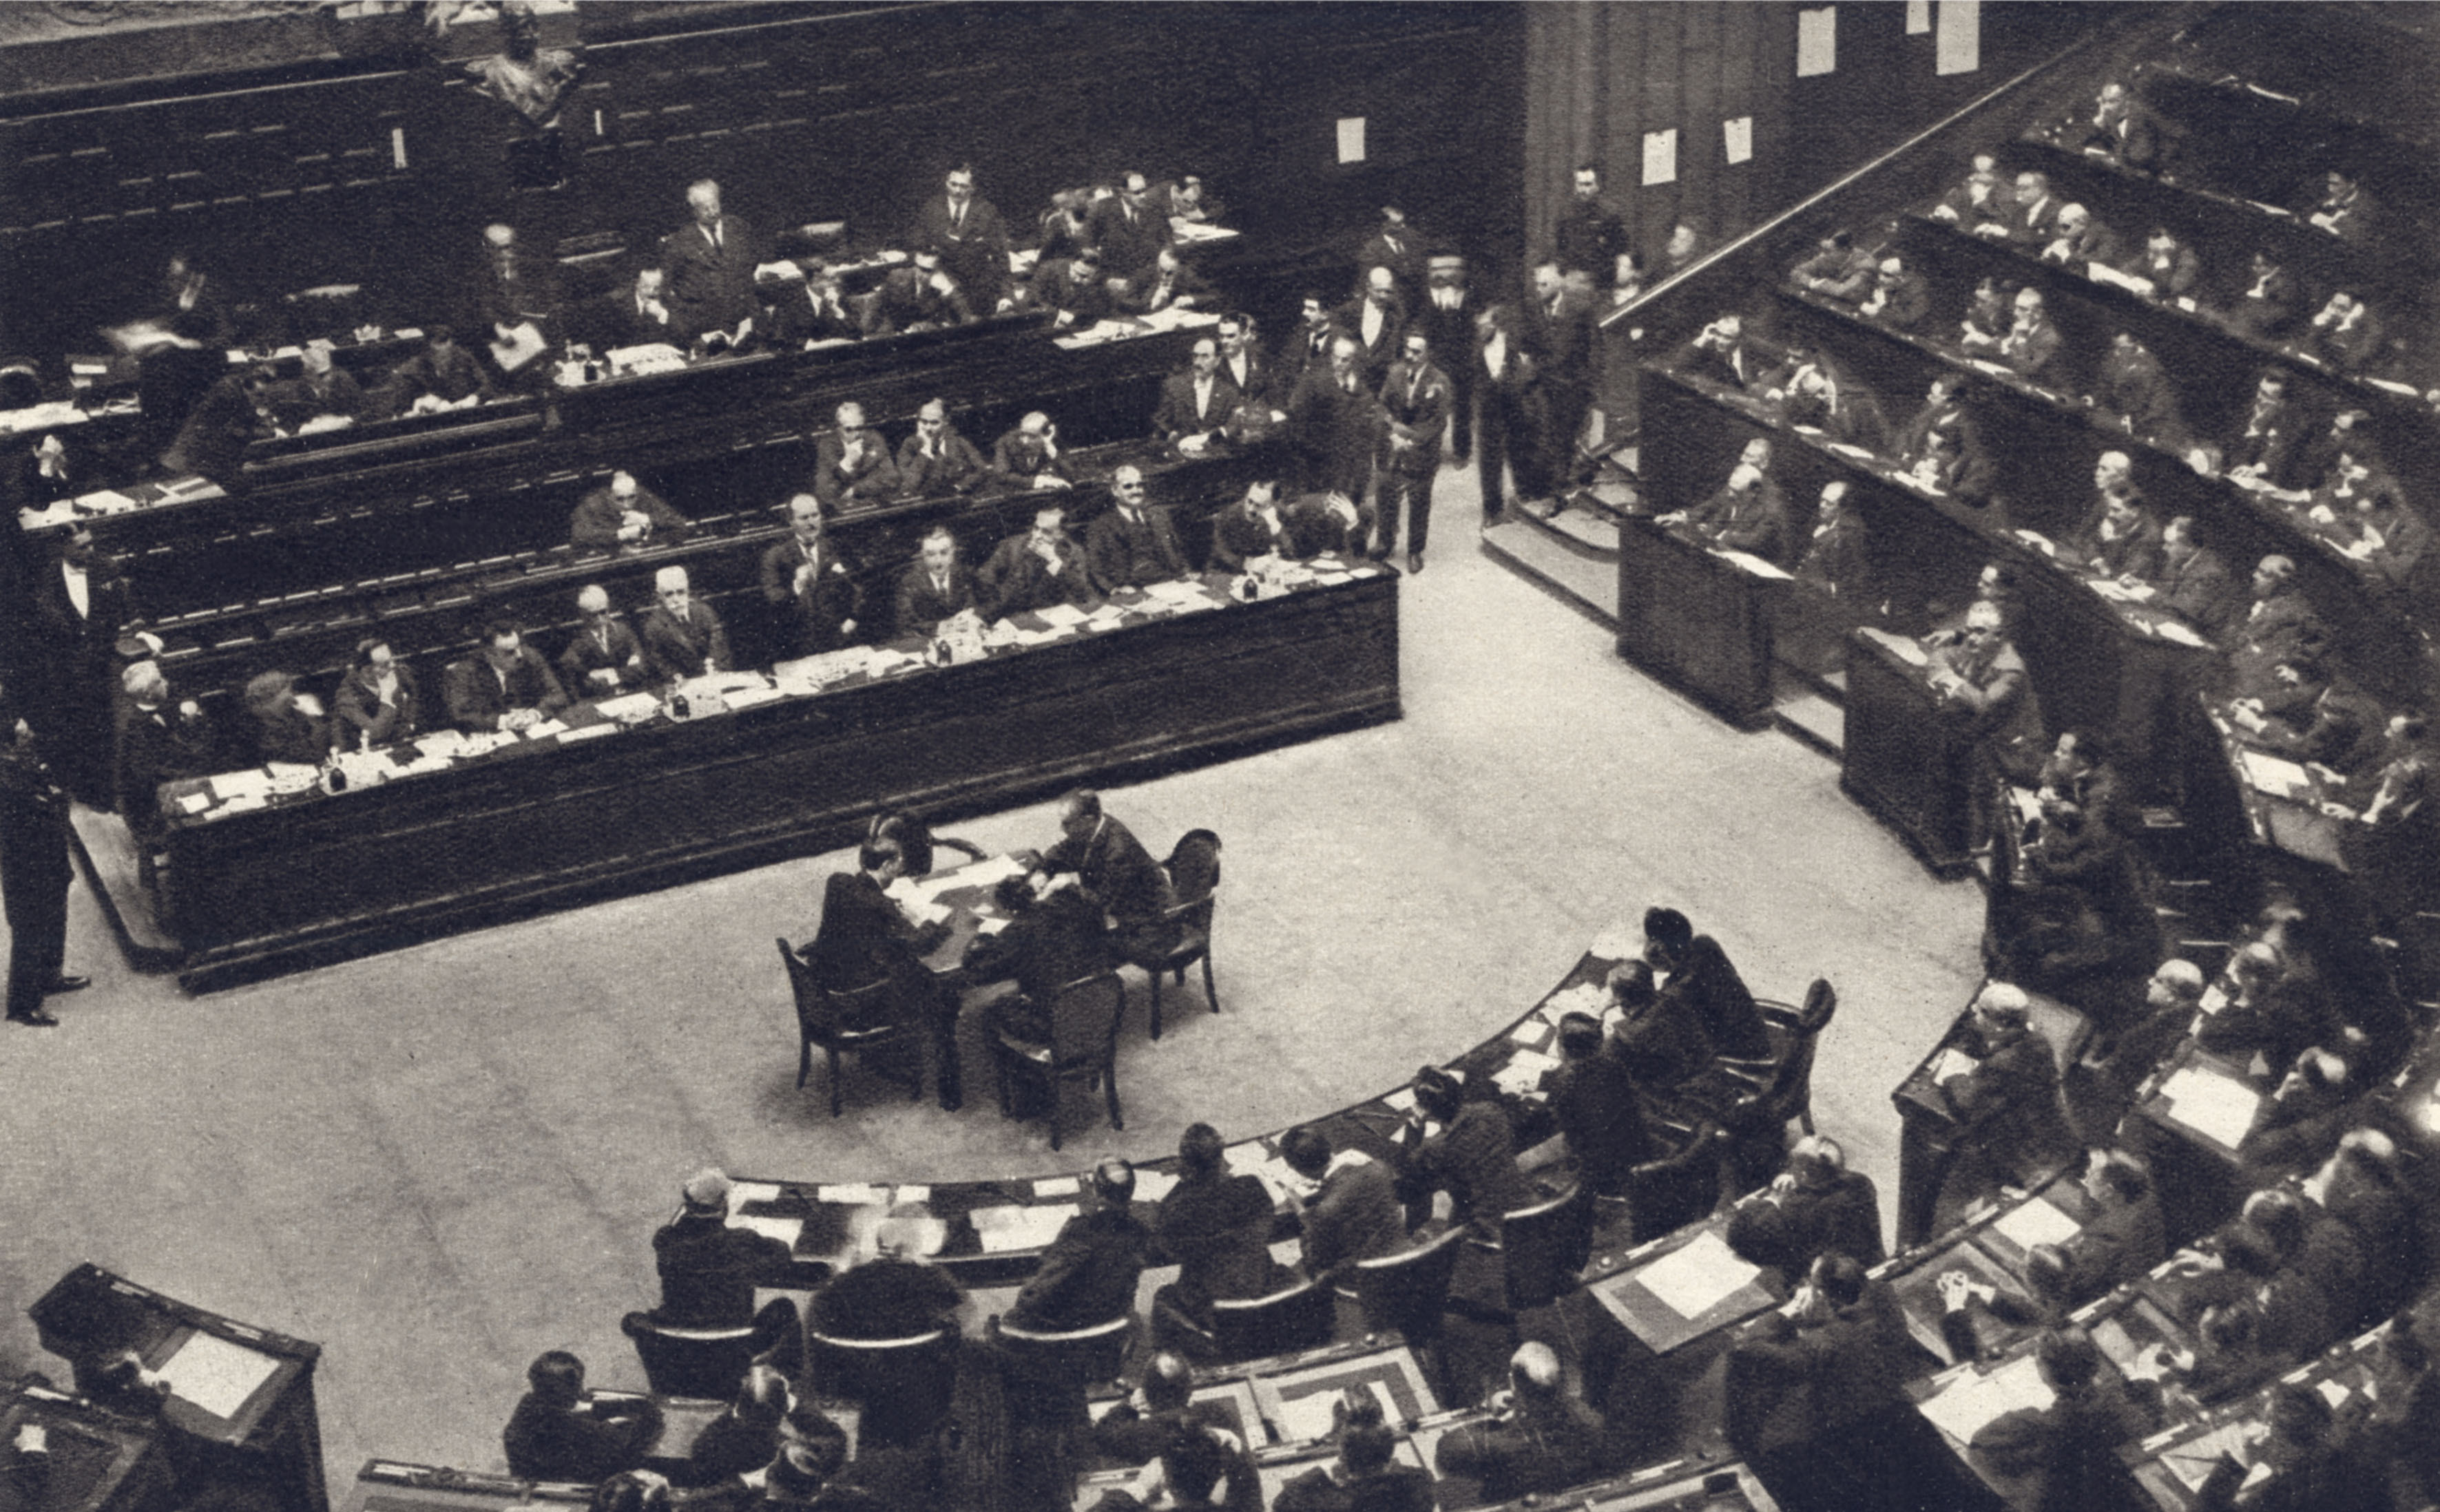 Discorso Camera Mussolini : Benito mussolini discorso alla camera dei deputati youtube